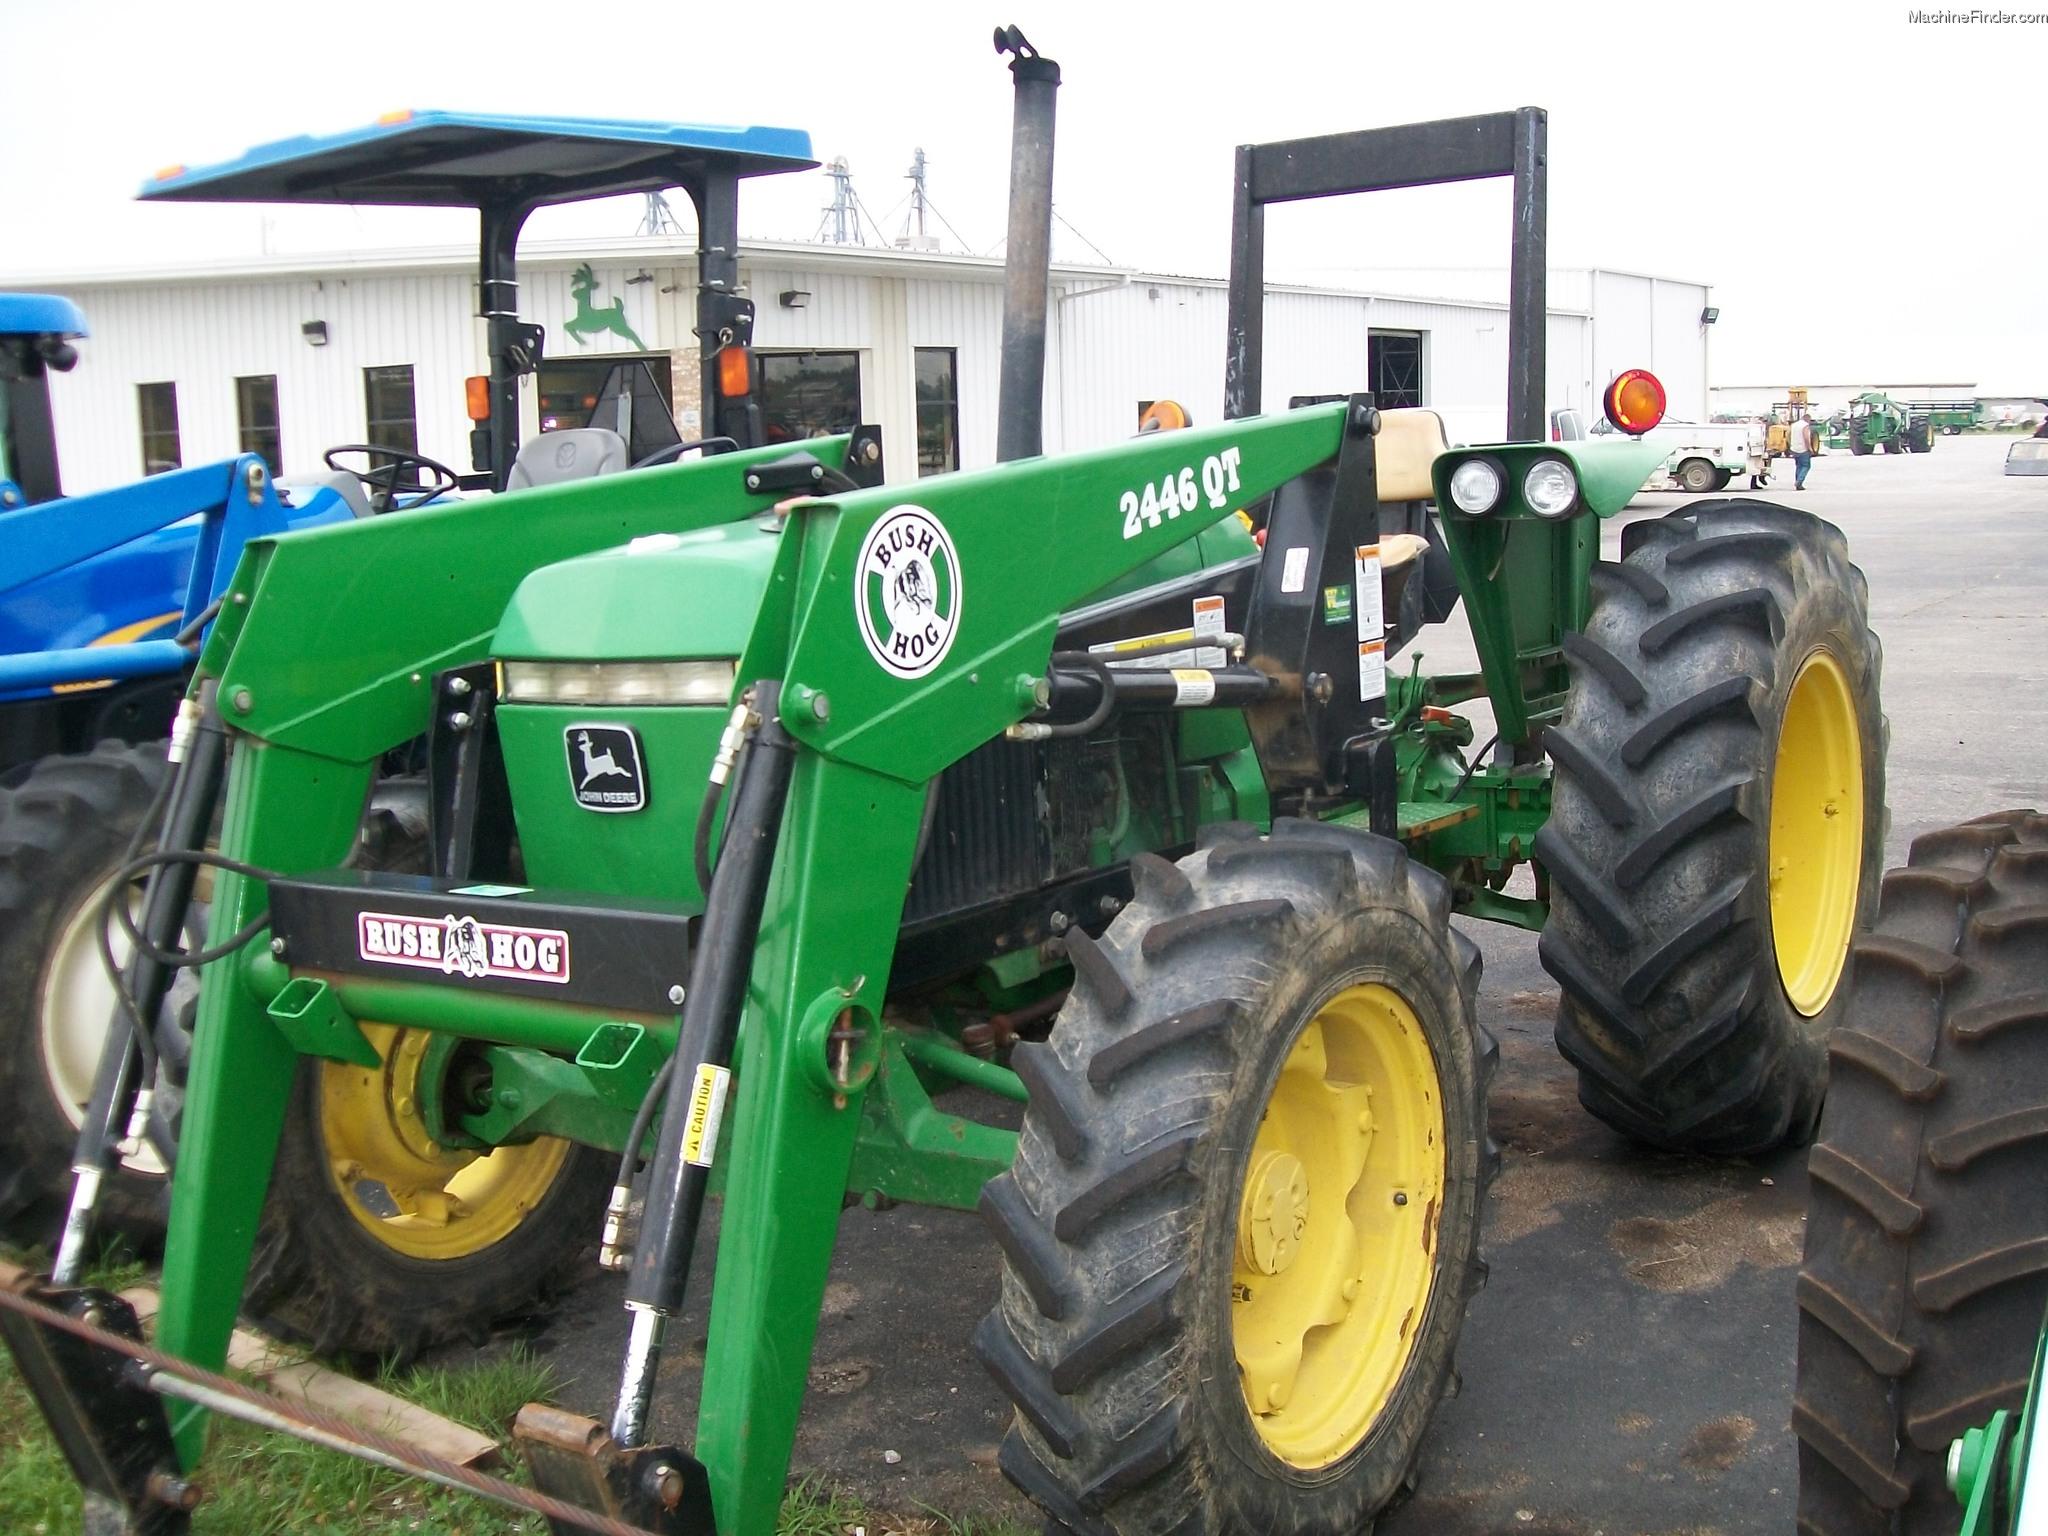 1989 John Deere 2155 Tractors - Utility (40-100hp) - John Deere MachineFinder